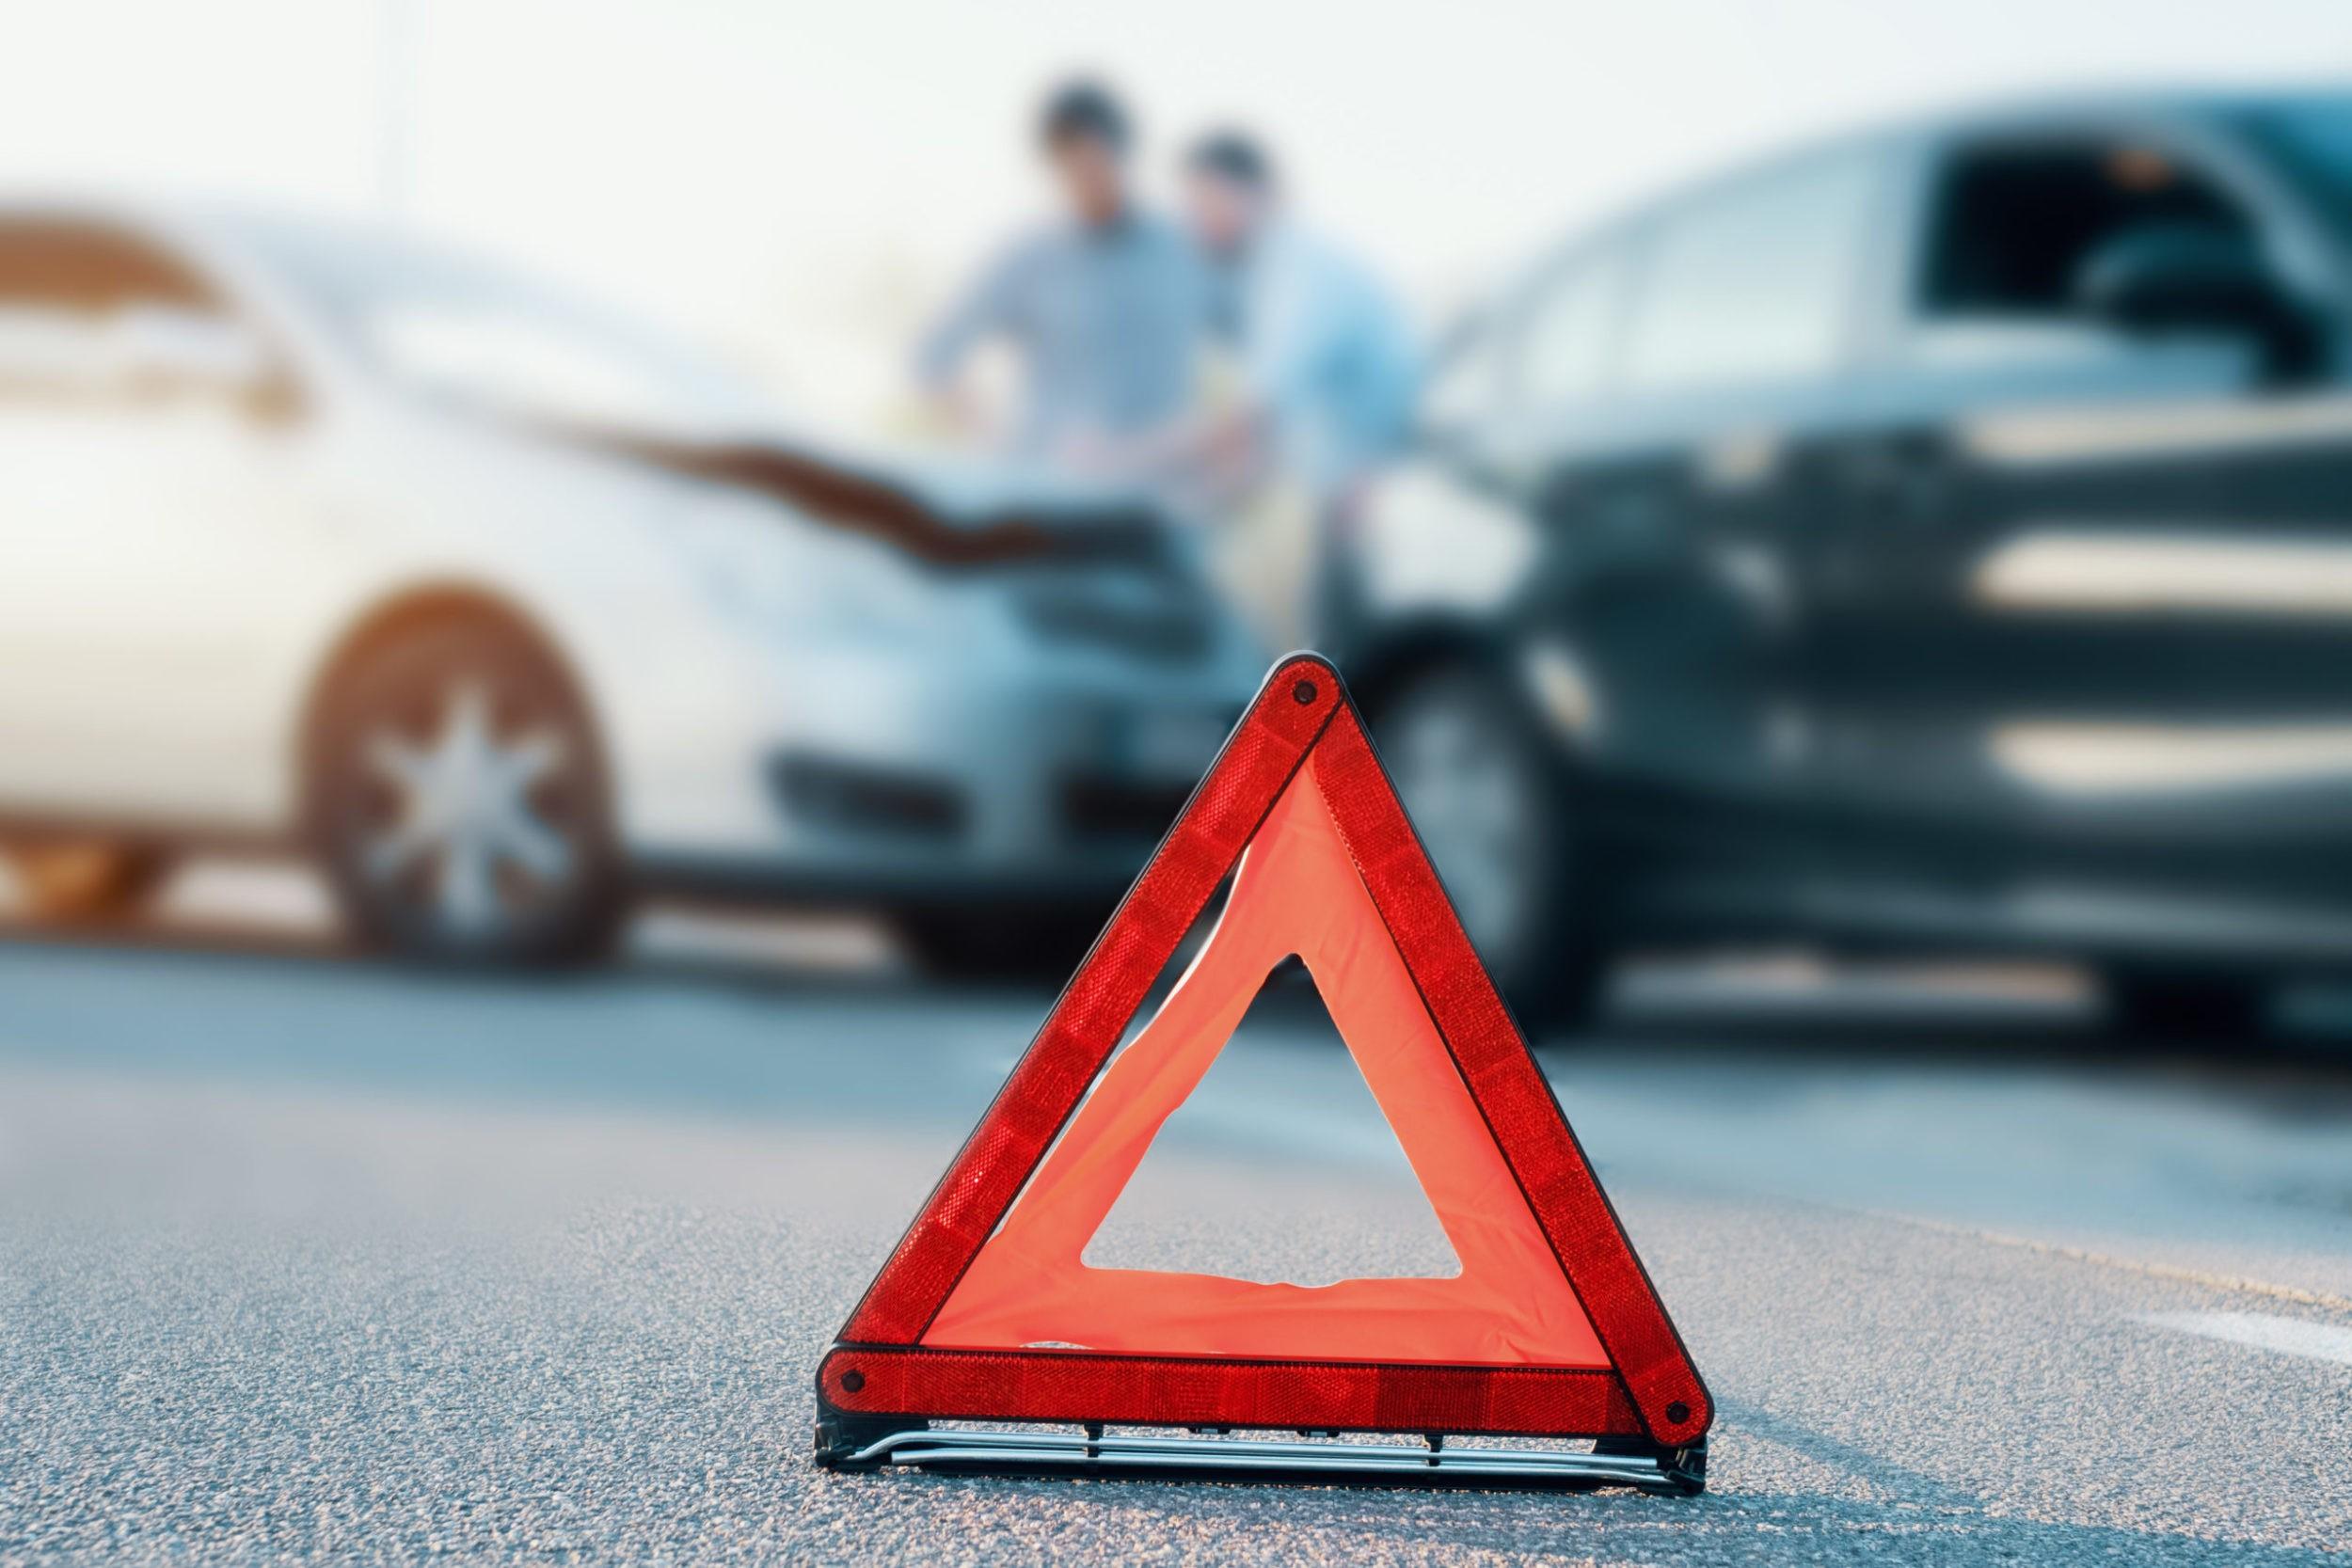 consignes de sécurité lors d'un accident